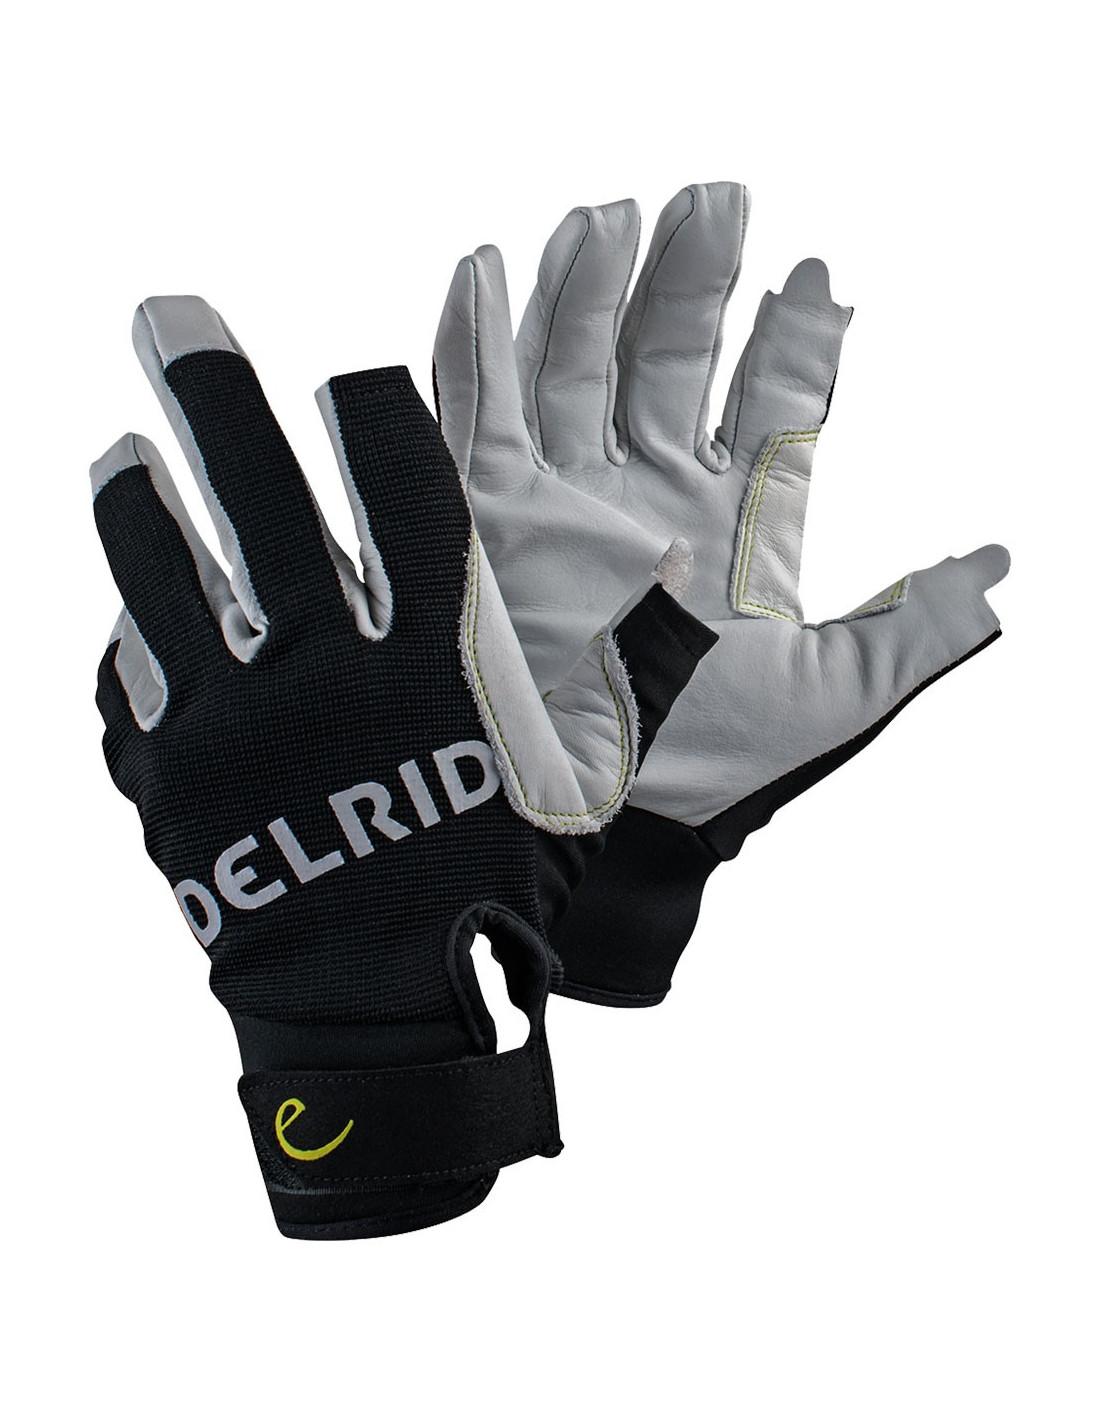 Edelrid Handschuhe Work Glove Closed XL